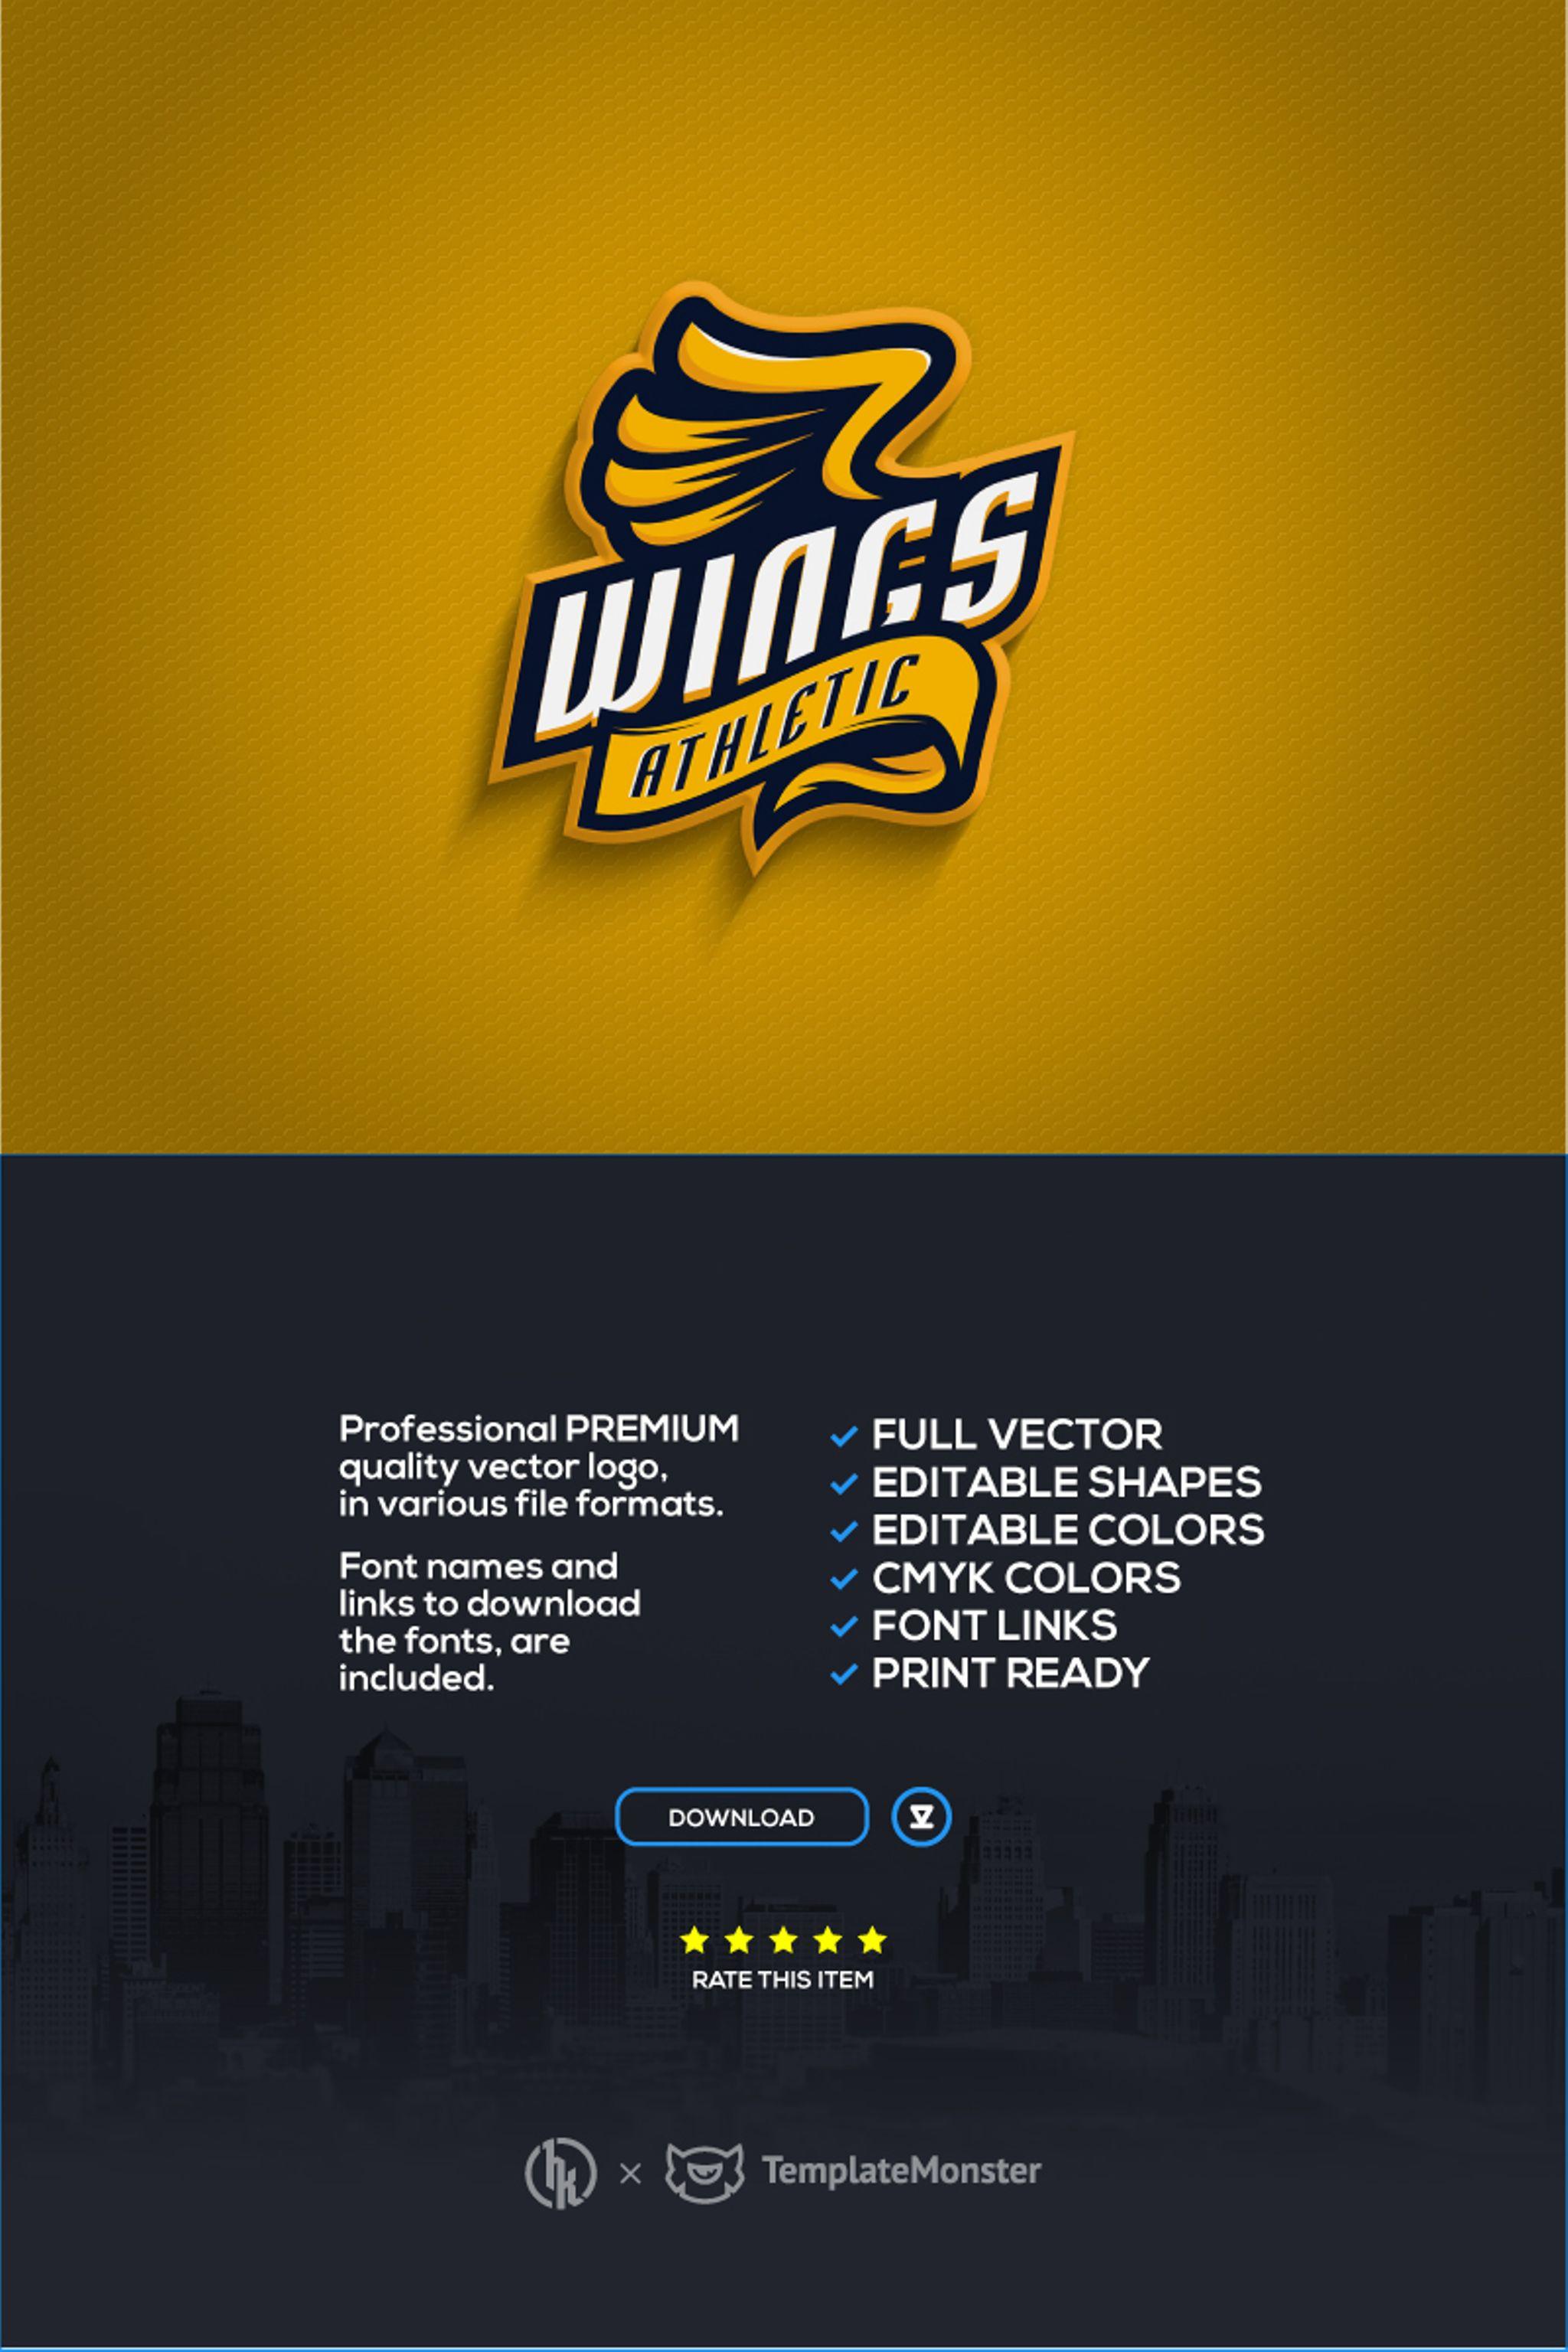 Wings Athletic Template de Logotipo №67198